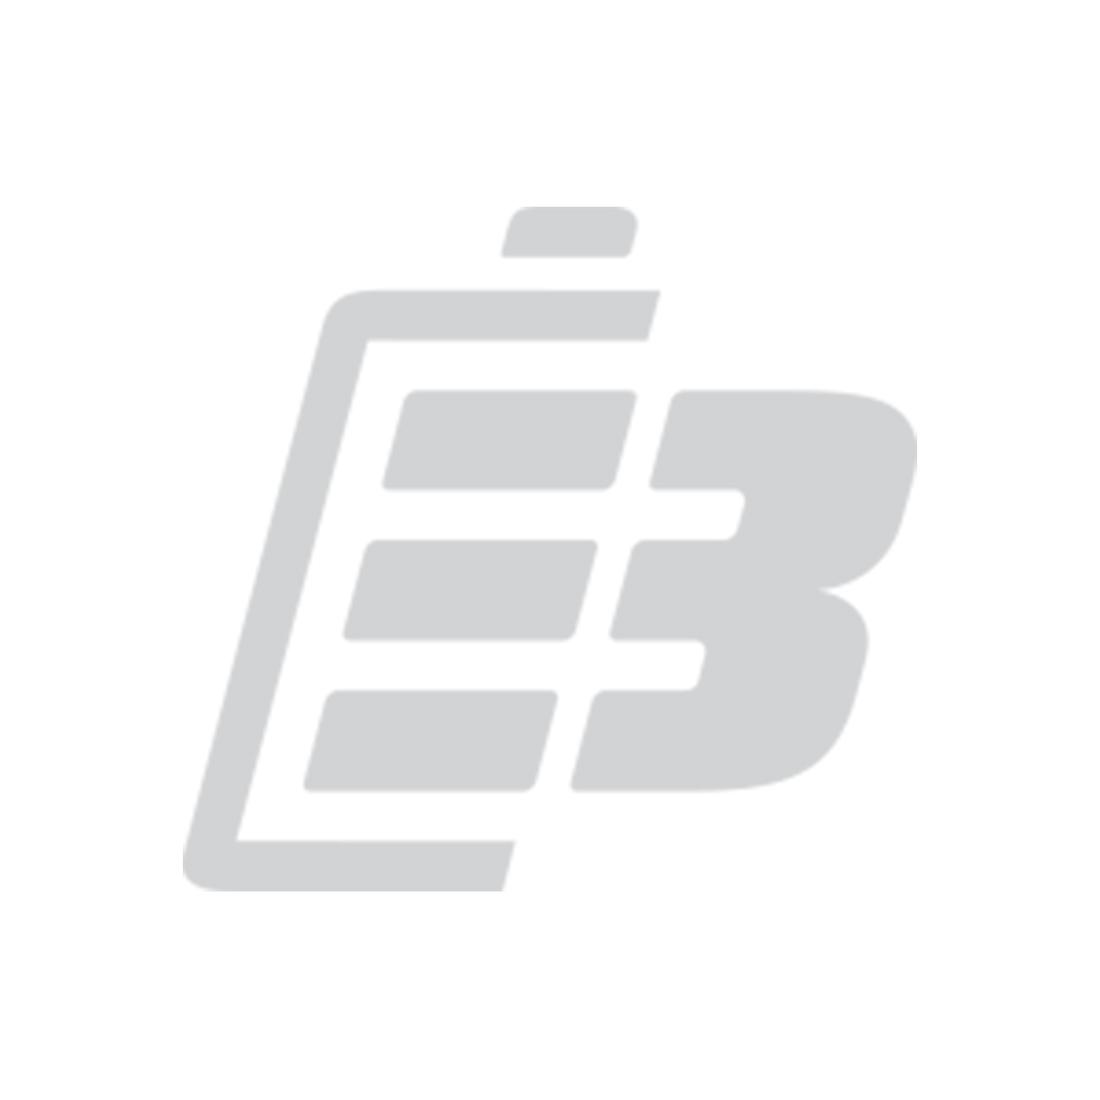 Crane remote control battery Autec FUA10_1